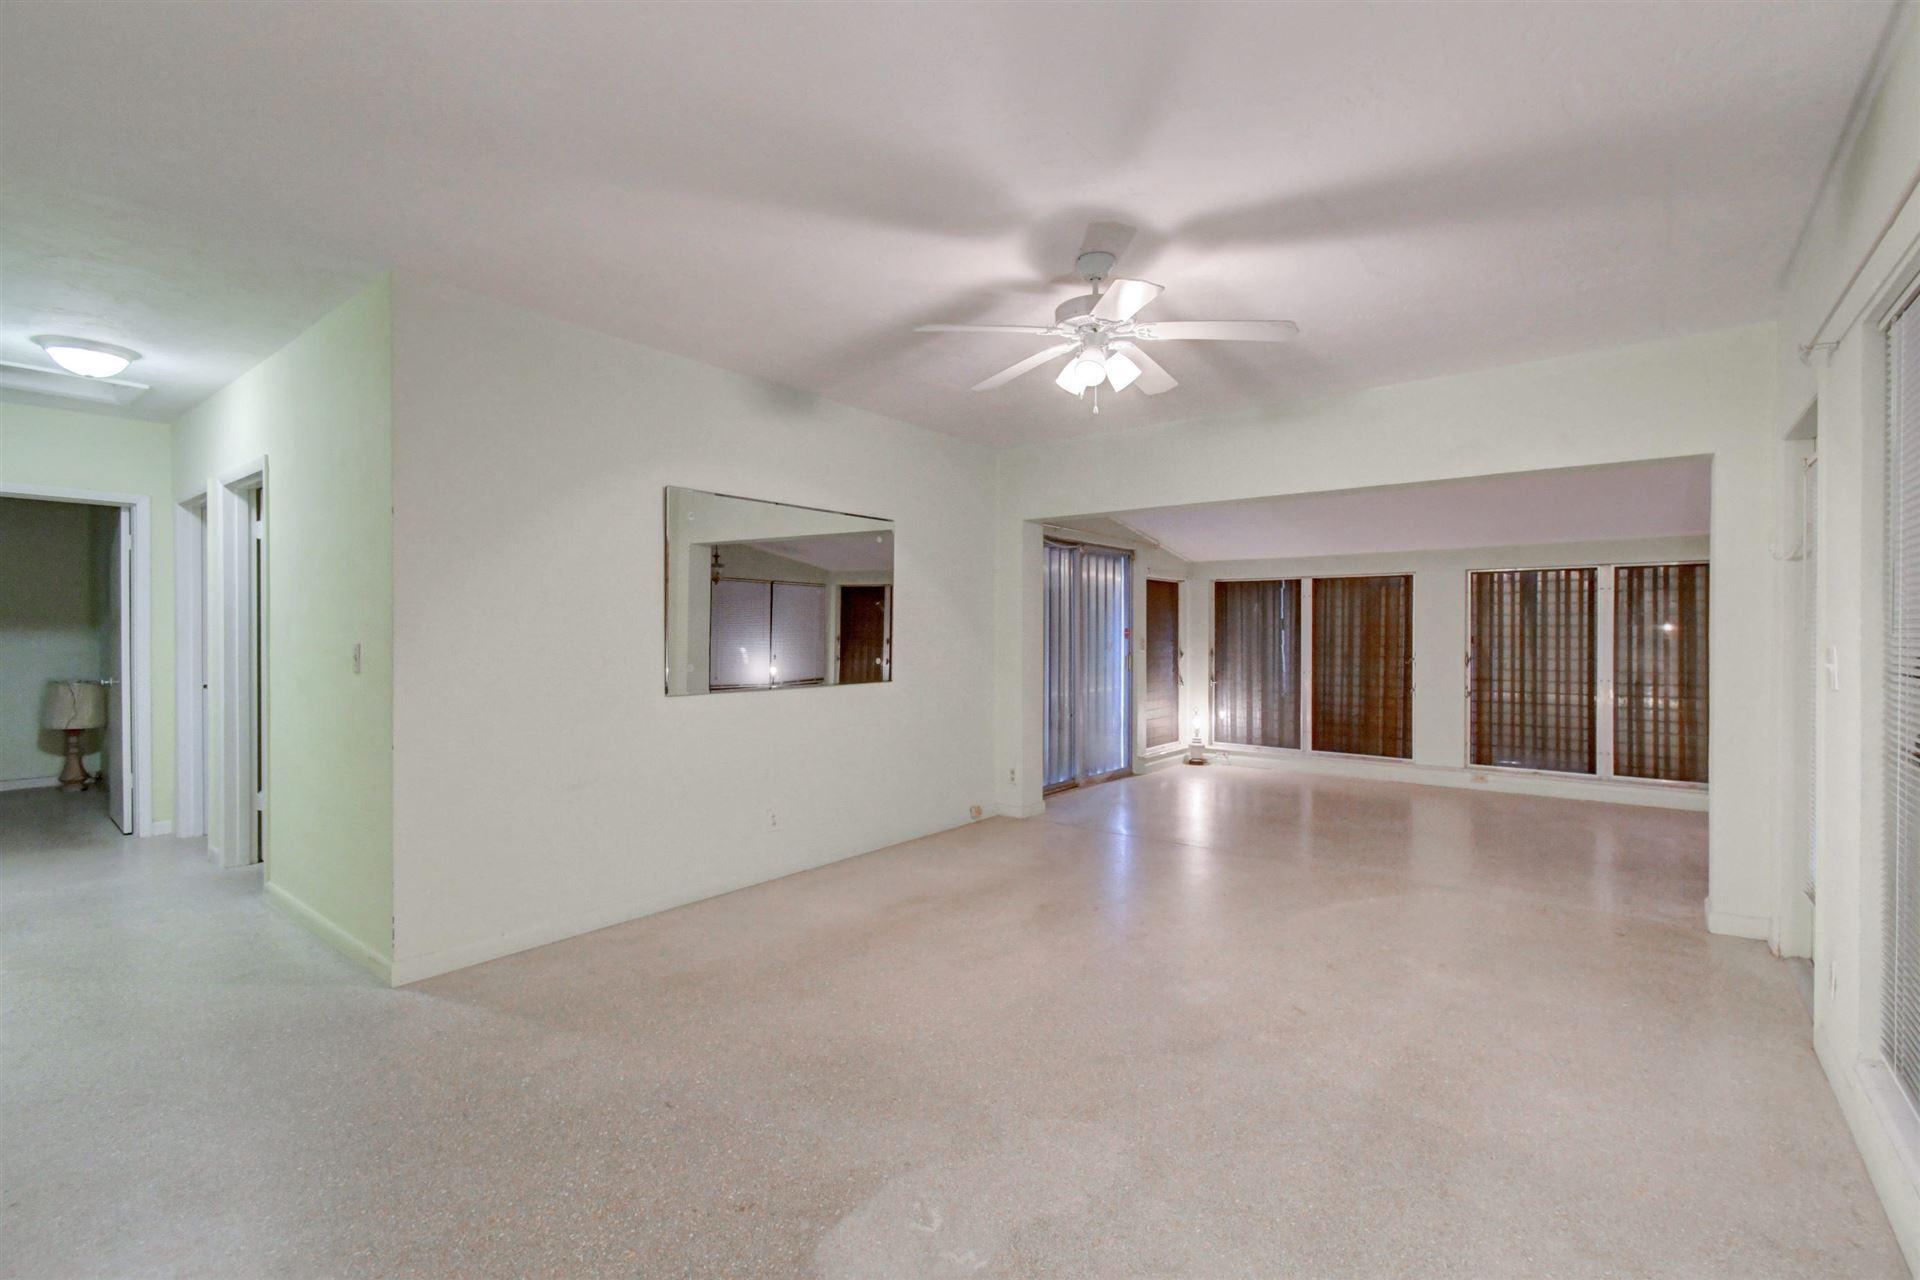 402 S 9th Street, Lantana, FL 33462 - MLS#: RX-10672823